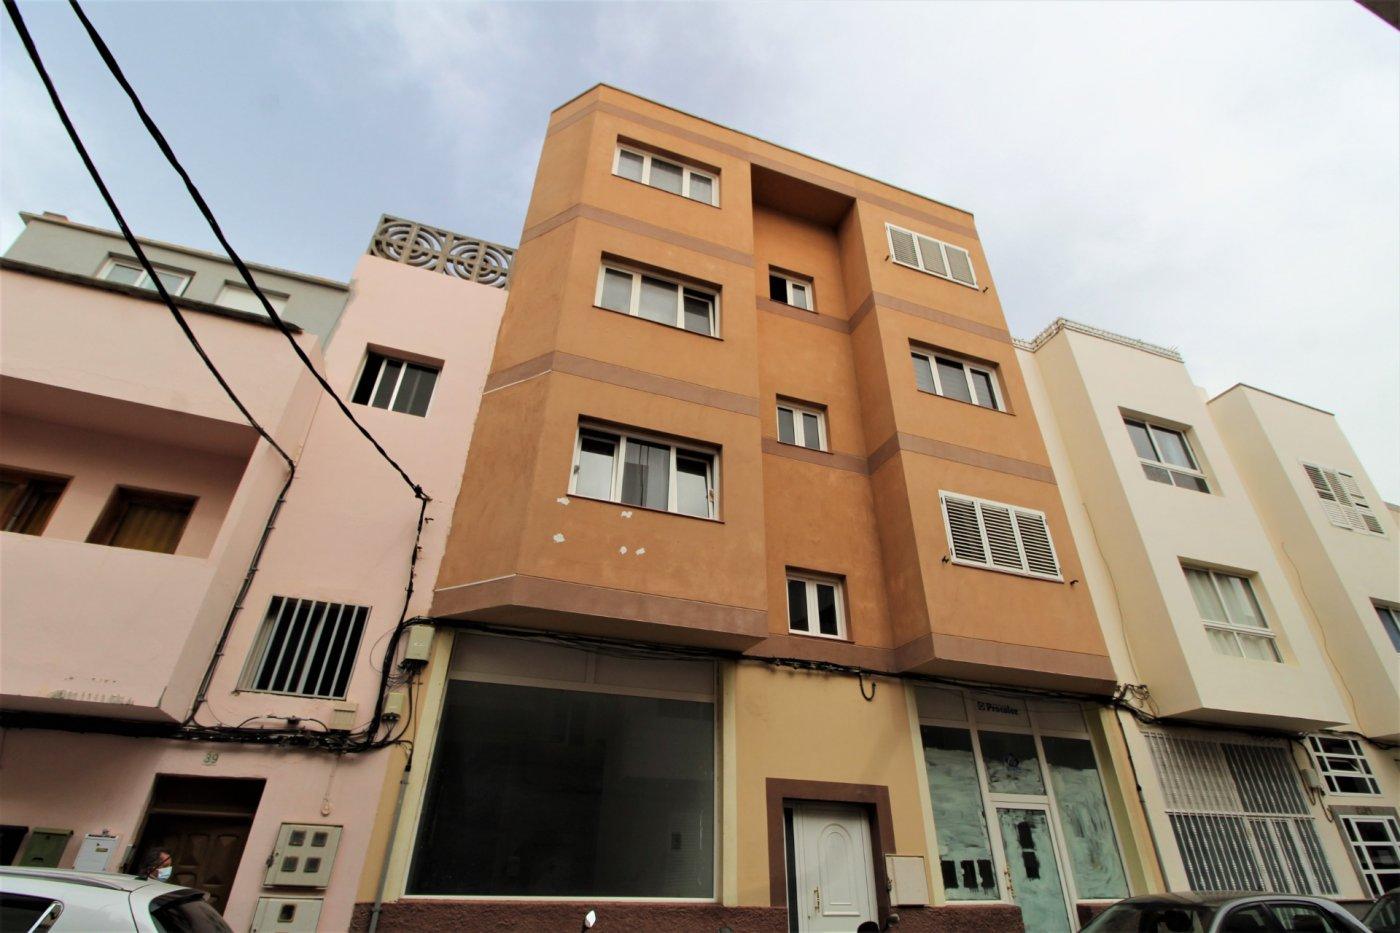 piso en santa-lucia-de-tirajana · a-santa-lucia-de-tirajana-las-palmas 87000€